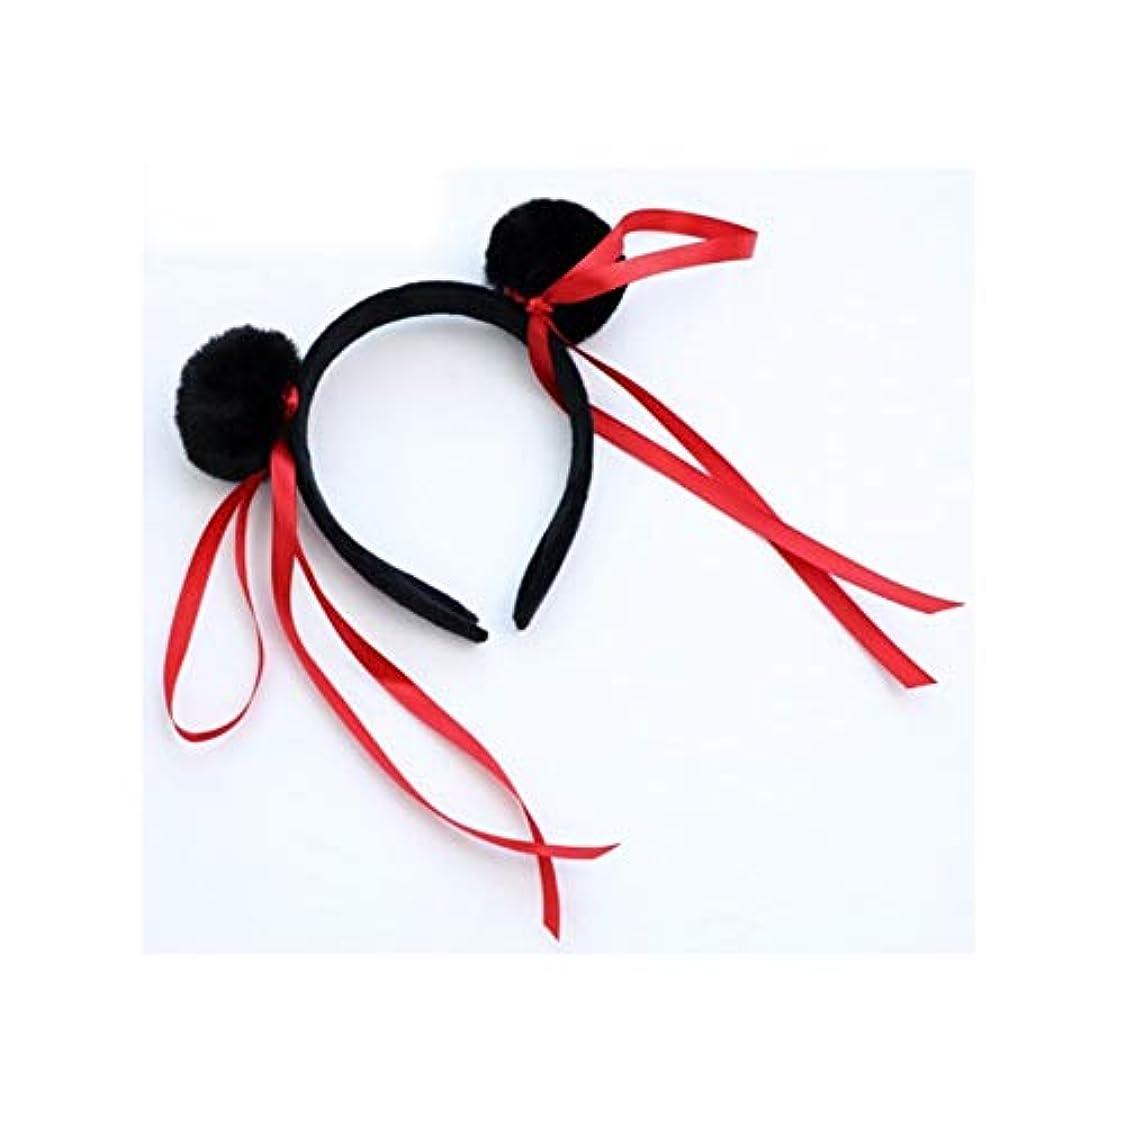 誤解ポルノ銛ヘッドバンドの宝石のヘッドバンドティアラヘアアクセサリーヘッドドレス2つのスタイルをカボチャ小道具の大人の子供を表示します (スタイル : B)